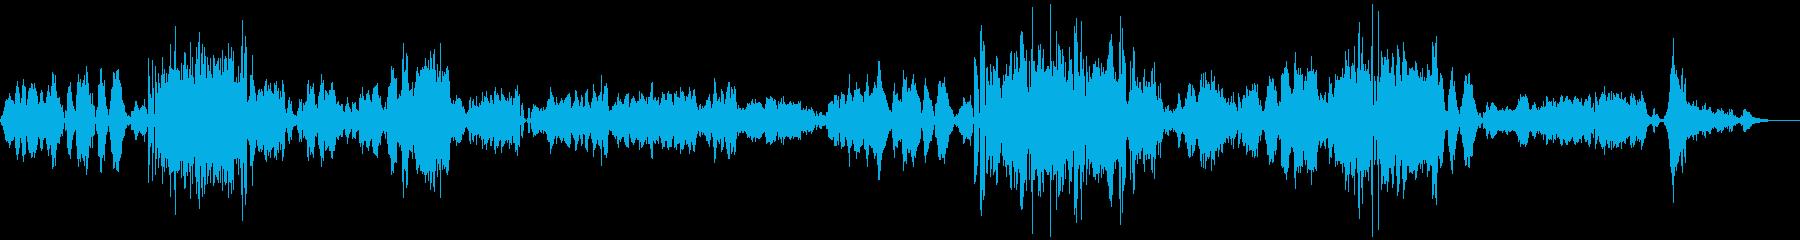 ブラームス/ヴァイオリン・ソナタ3-1の再生済みの波形